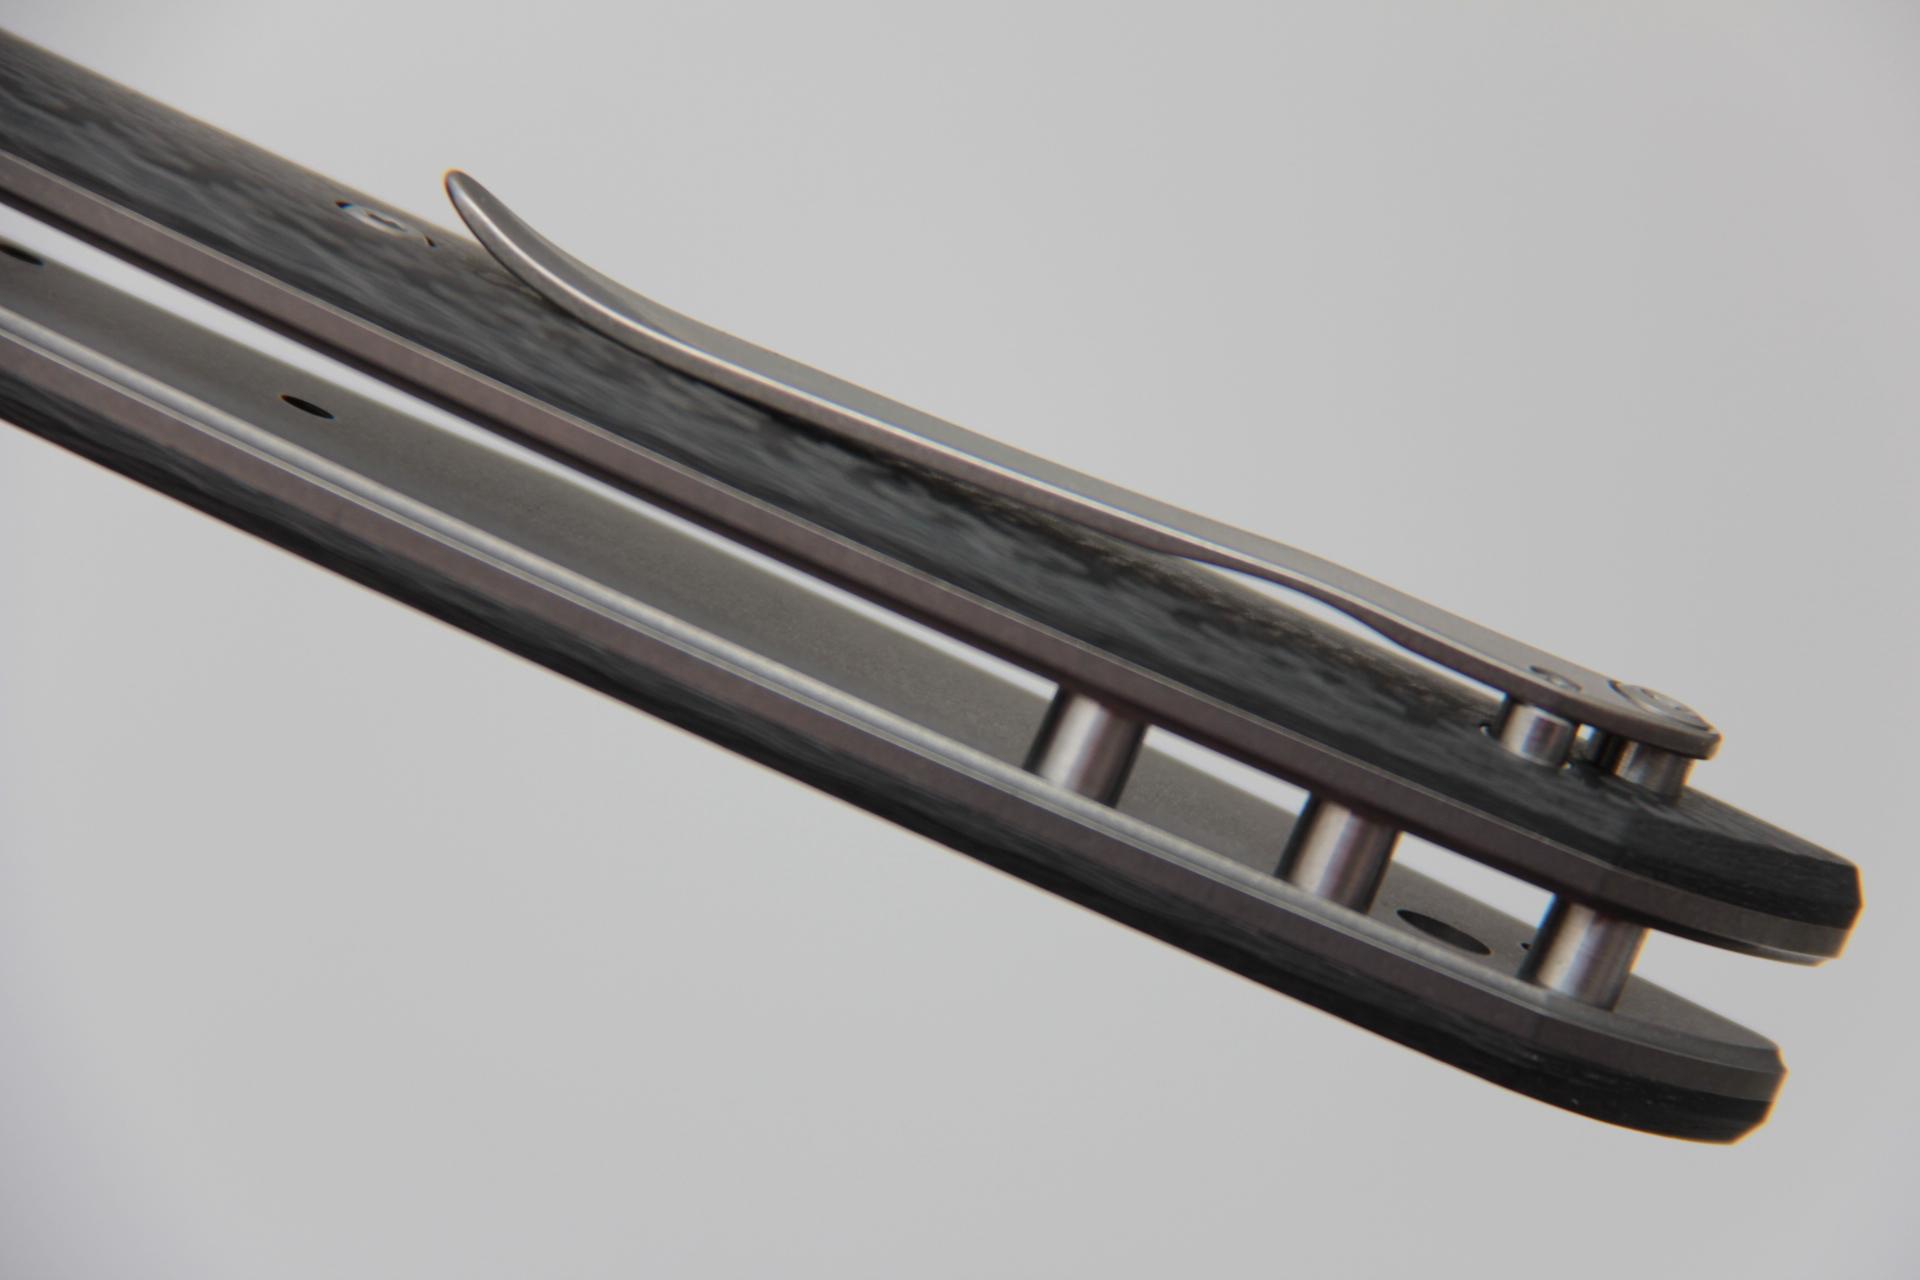 Нож Широгоров 110 M390 карбон 3D долы - фотография